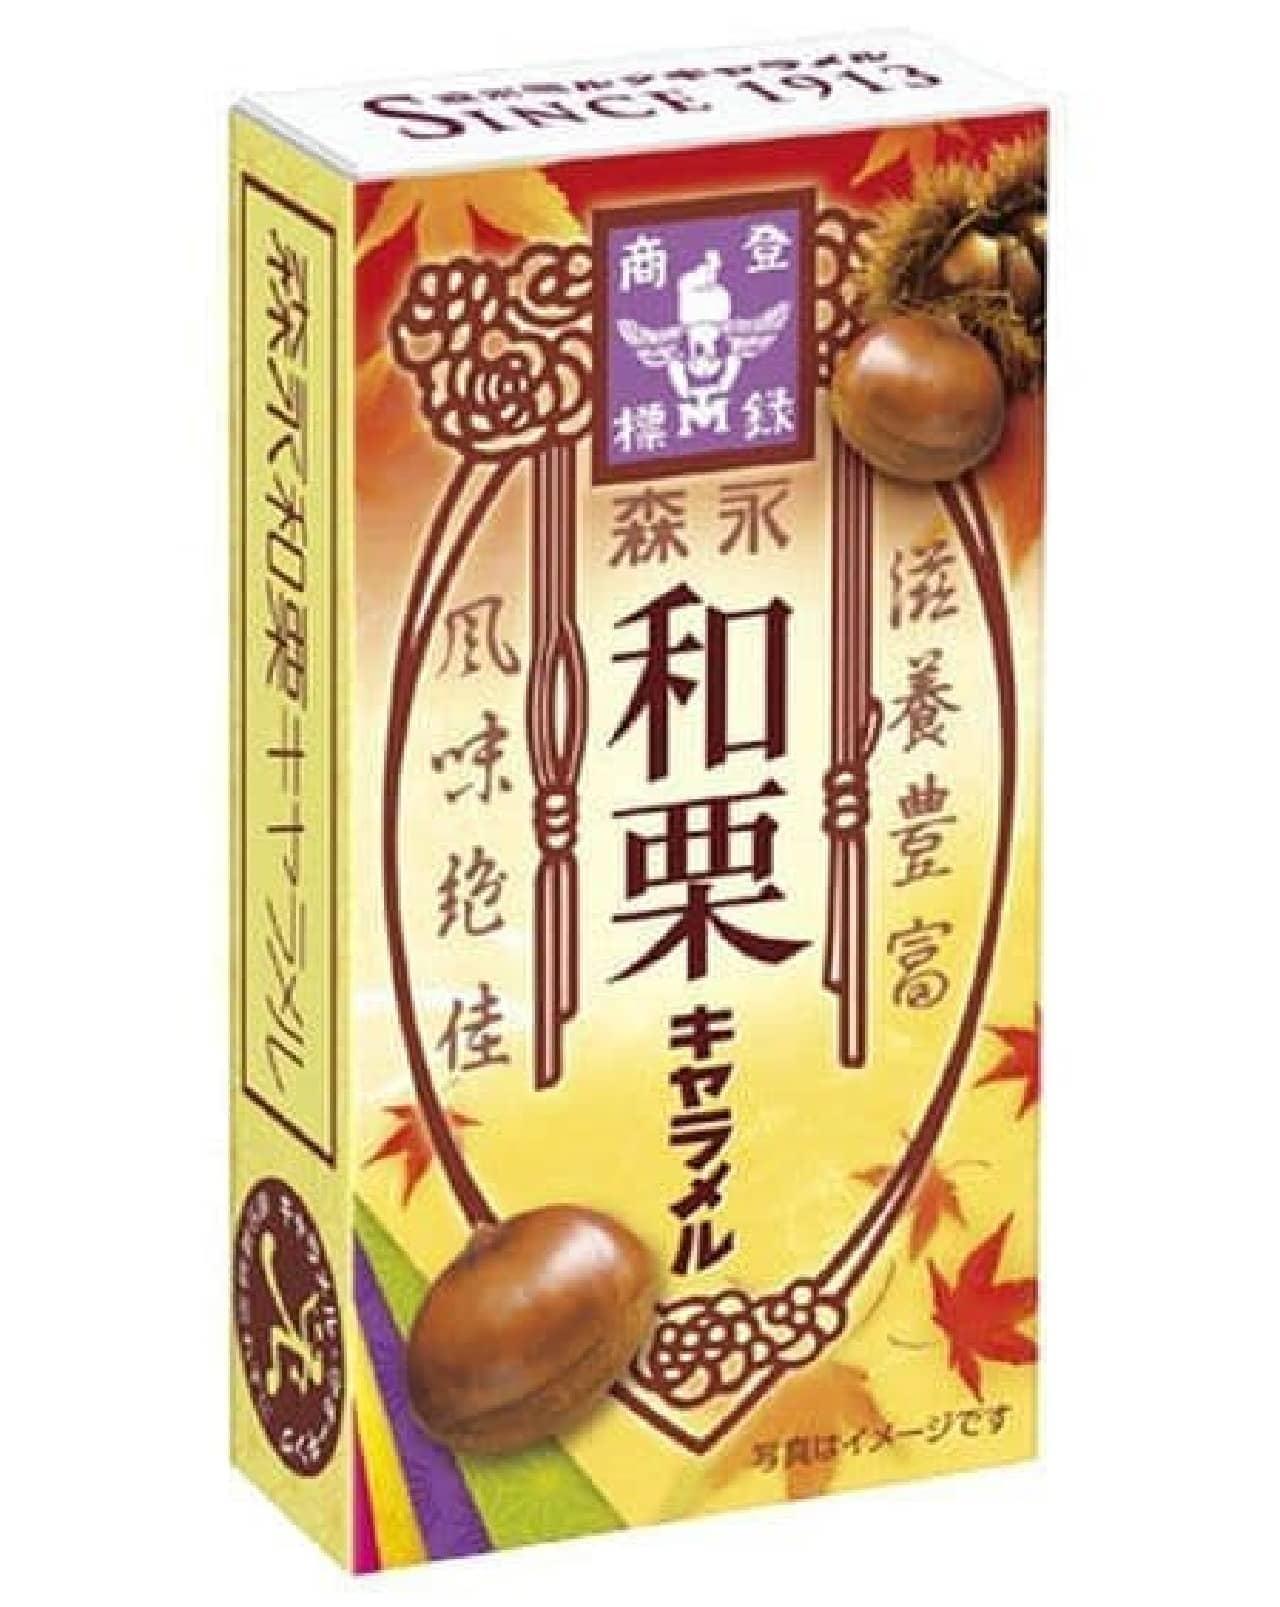 「和栗キャラメル」は、ふわっと栗の香りがひろがるクリームのようになめらかなキャラメル